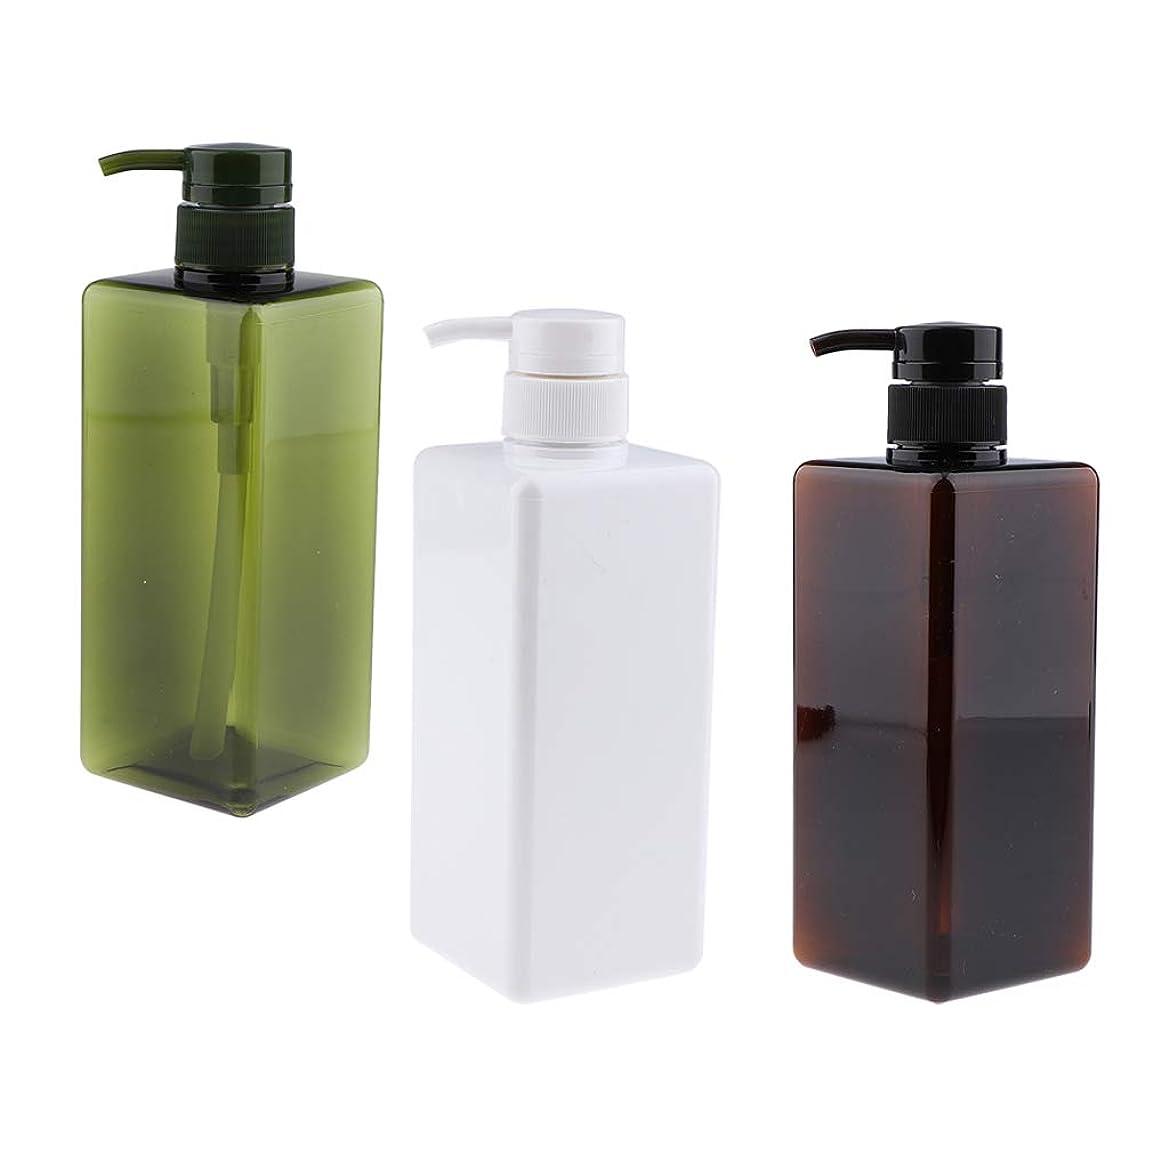 シャー予算精神医学CUTICATE プレスボトル ポンプボトル 詰替え 空のボト UV保護 紫外線防御 耐久性 650ML 3個セット